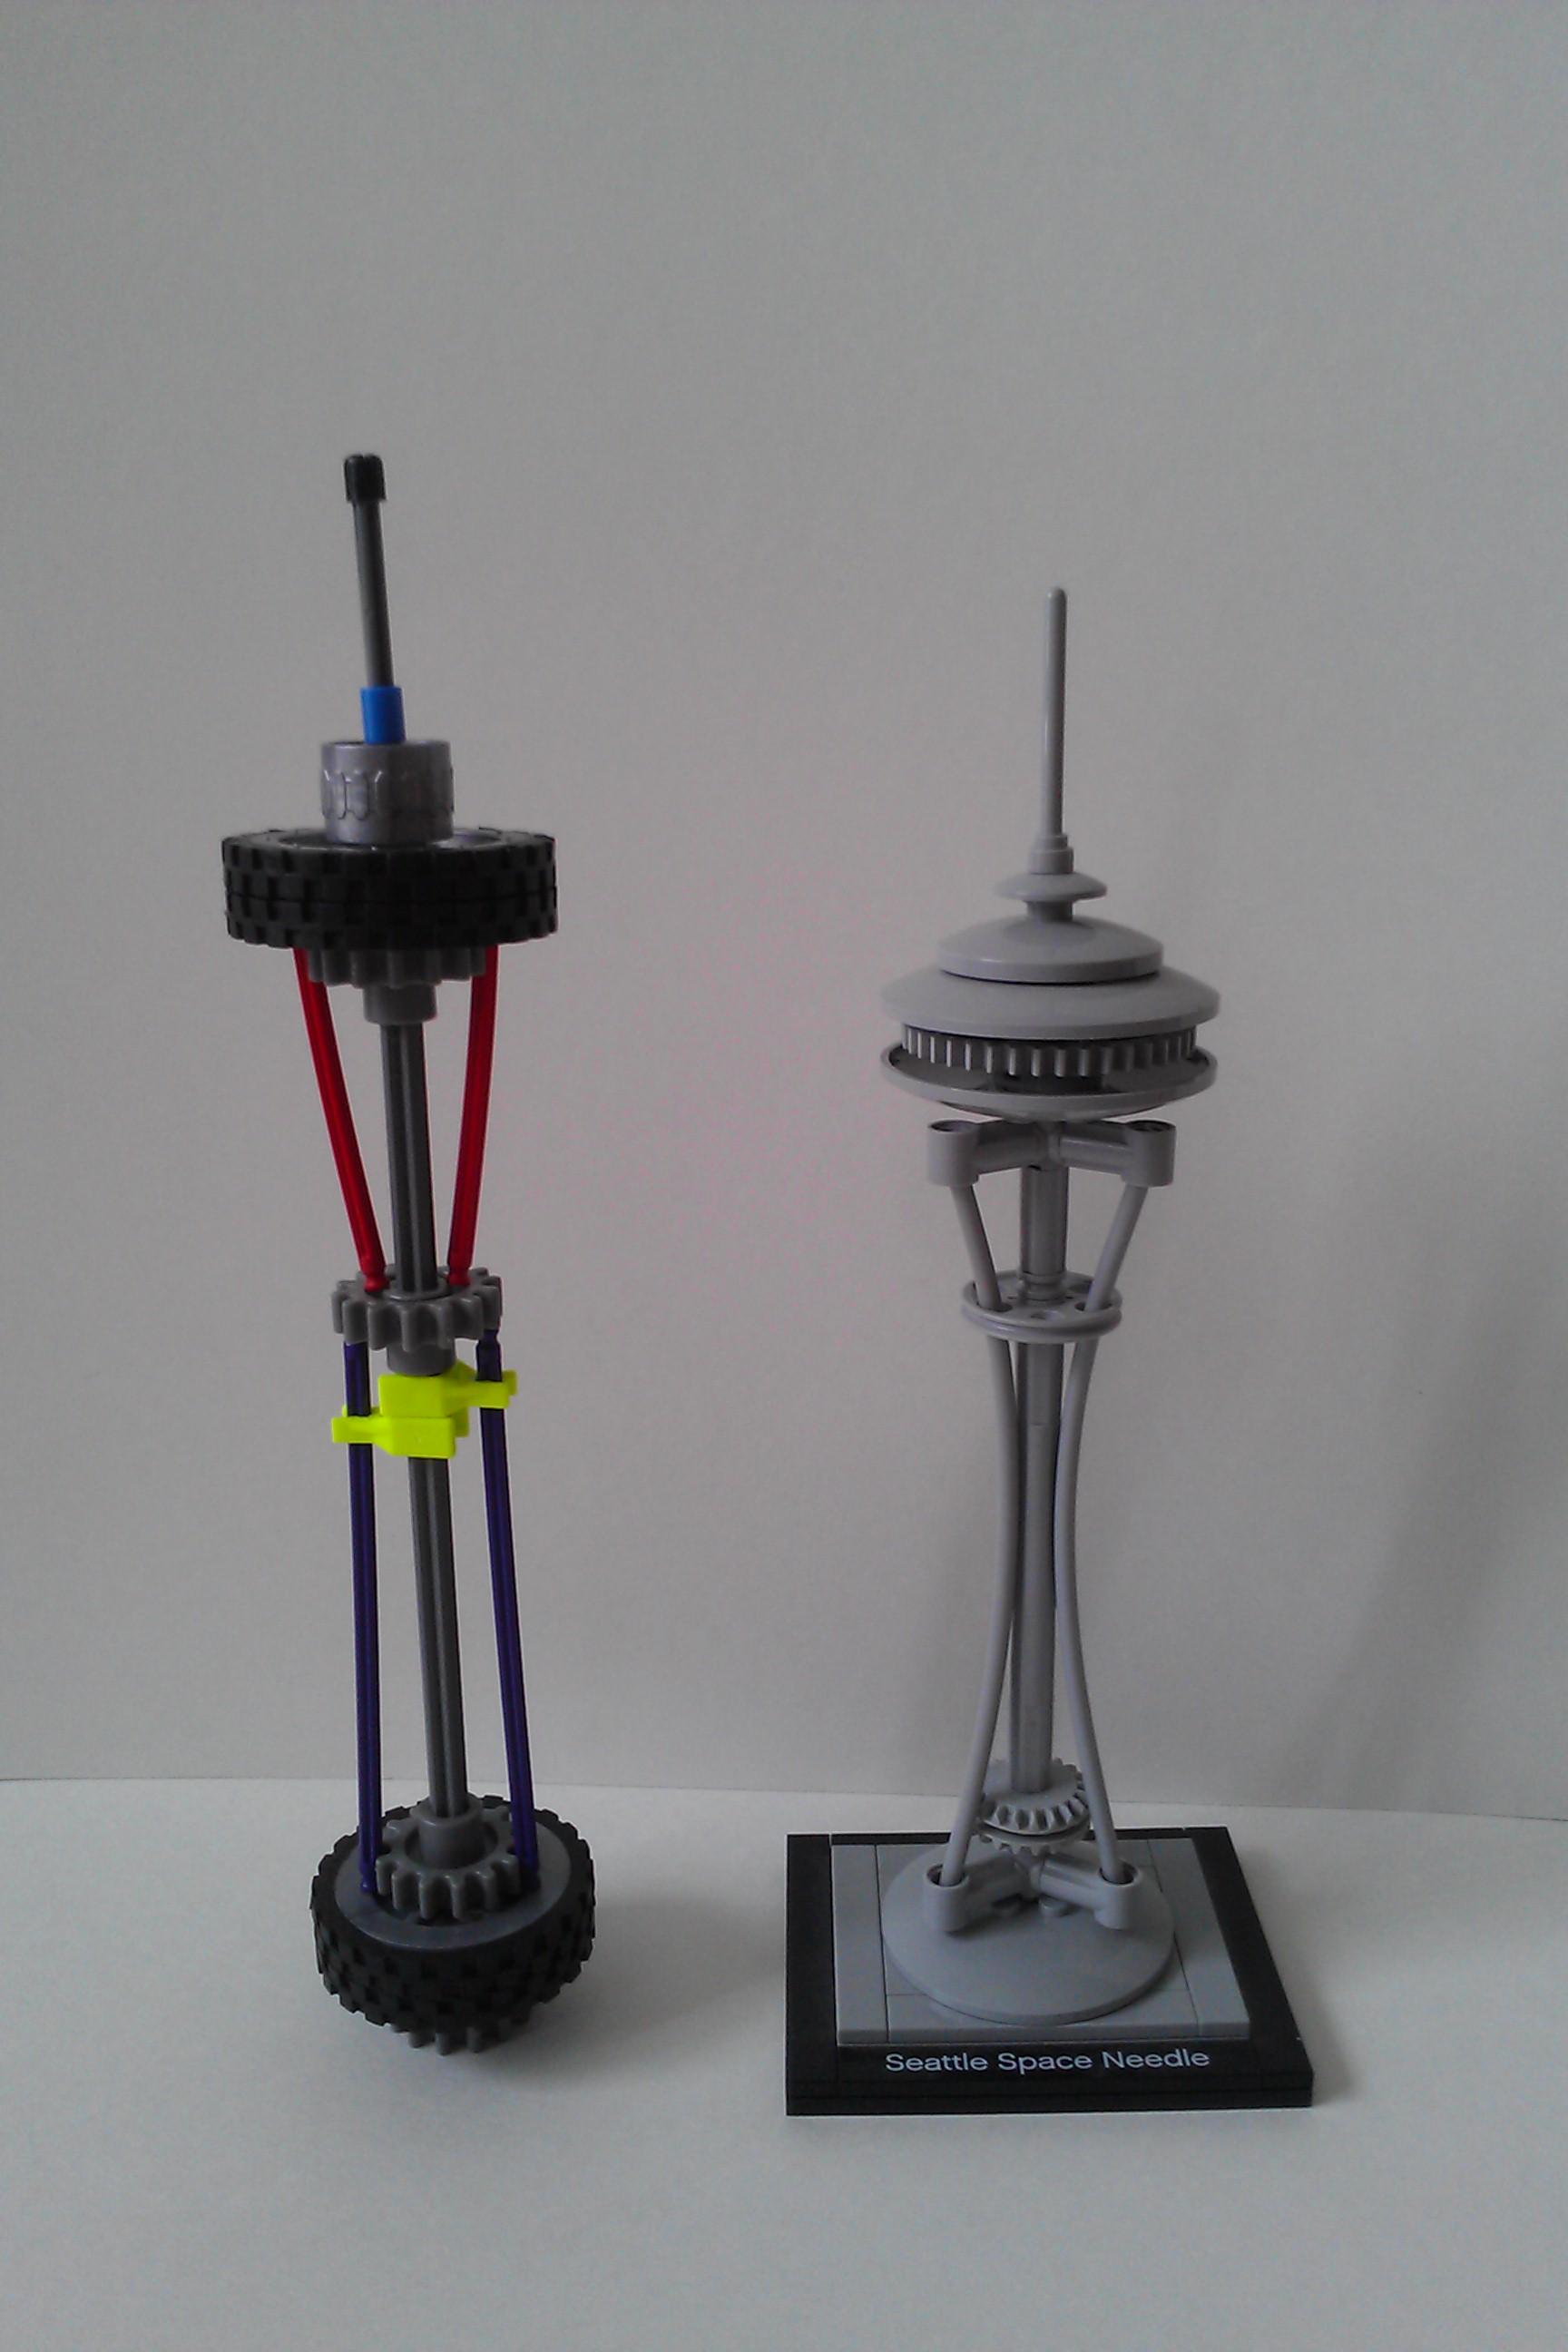 K'nex Seattle Space Needle V2